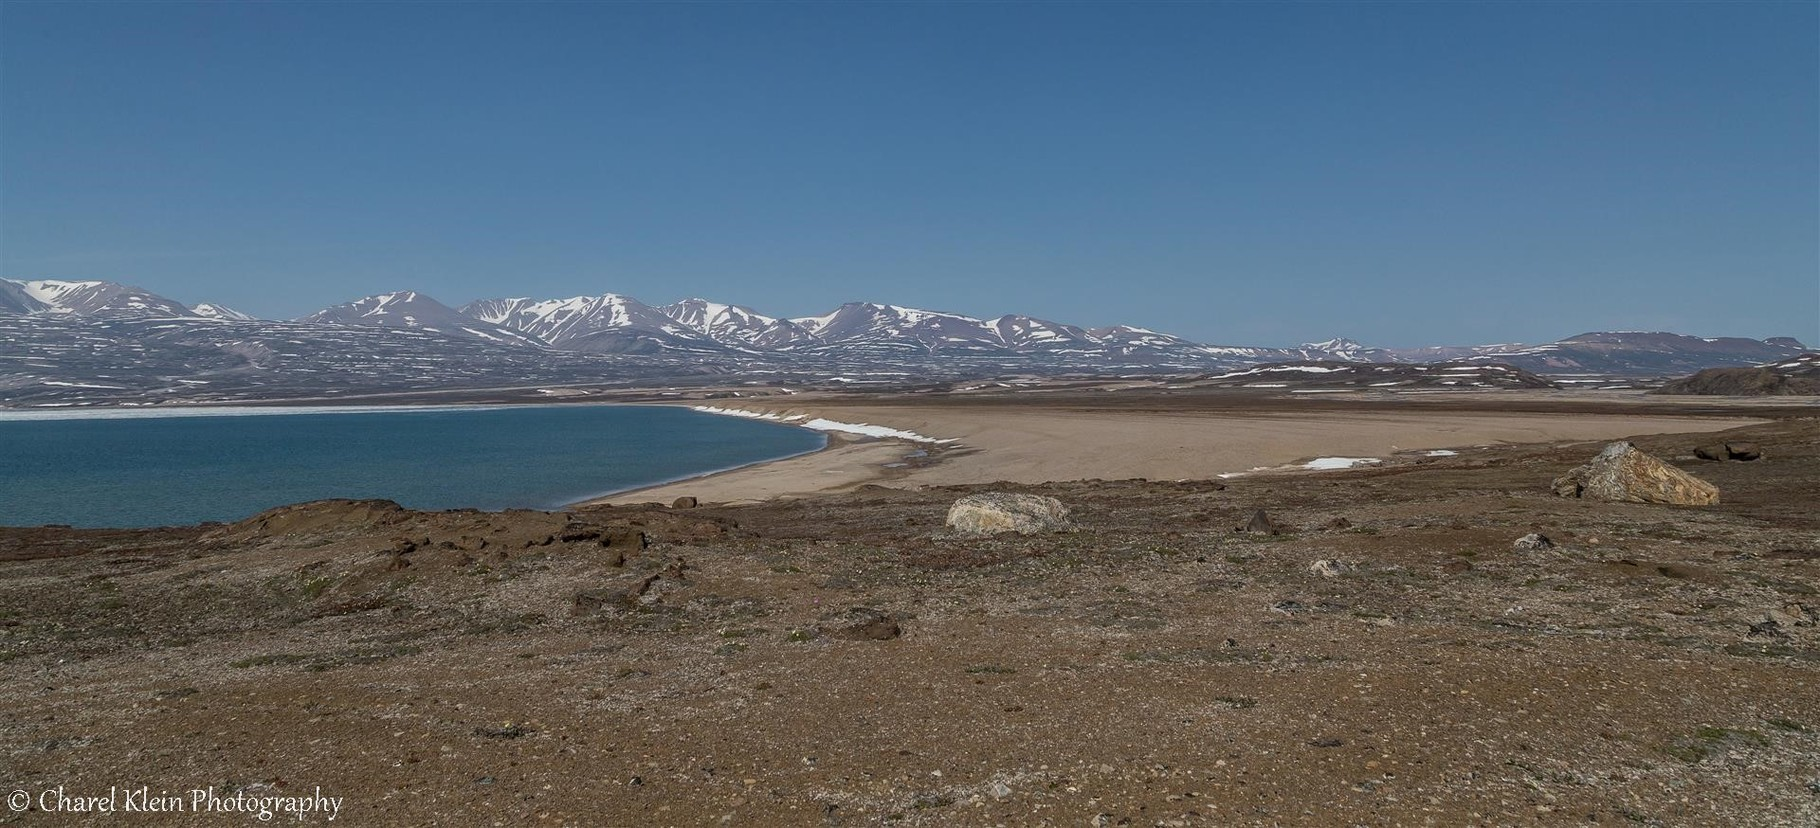 Exploring Tundra